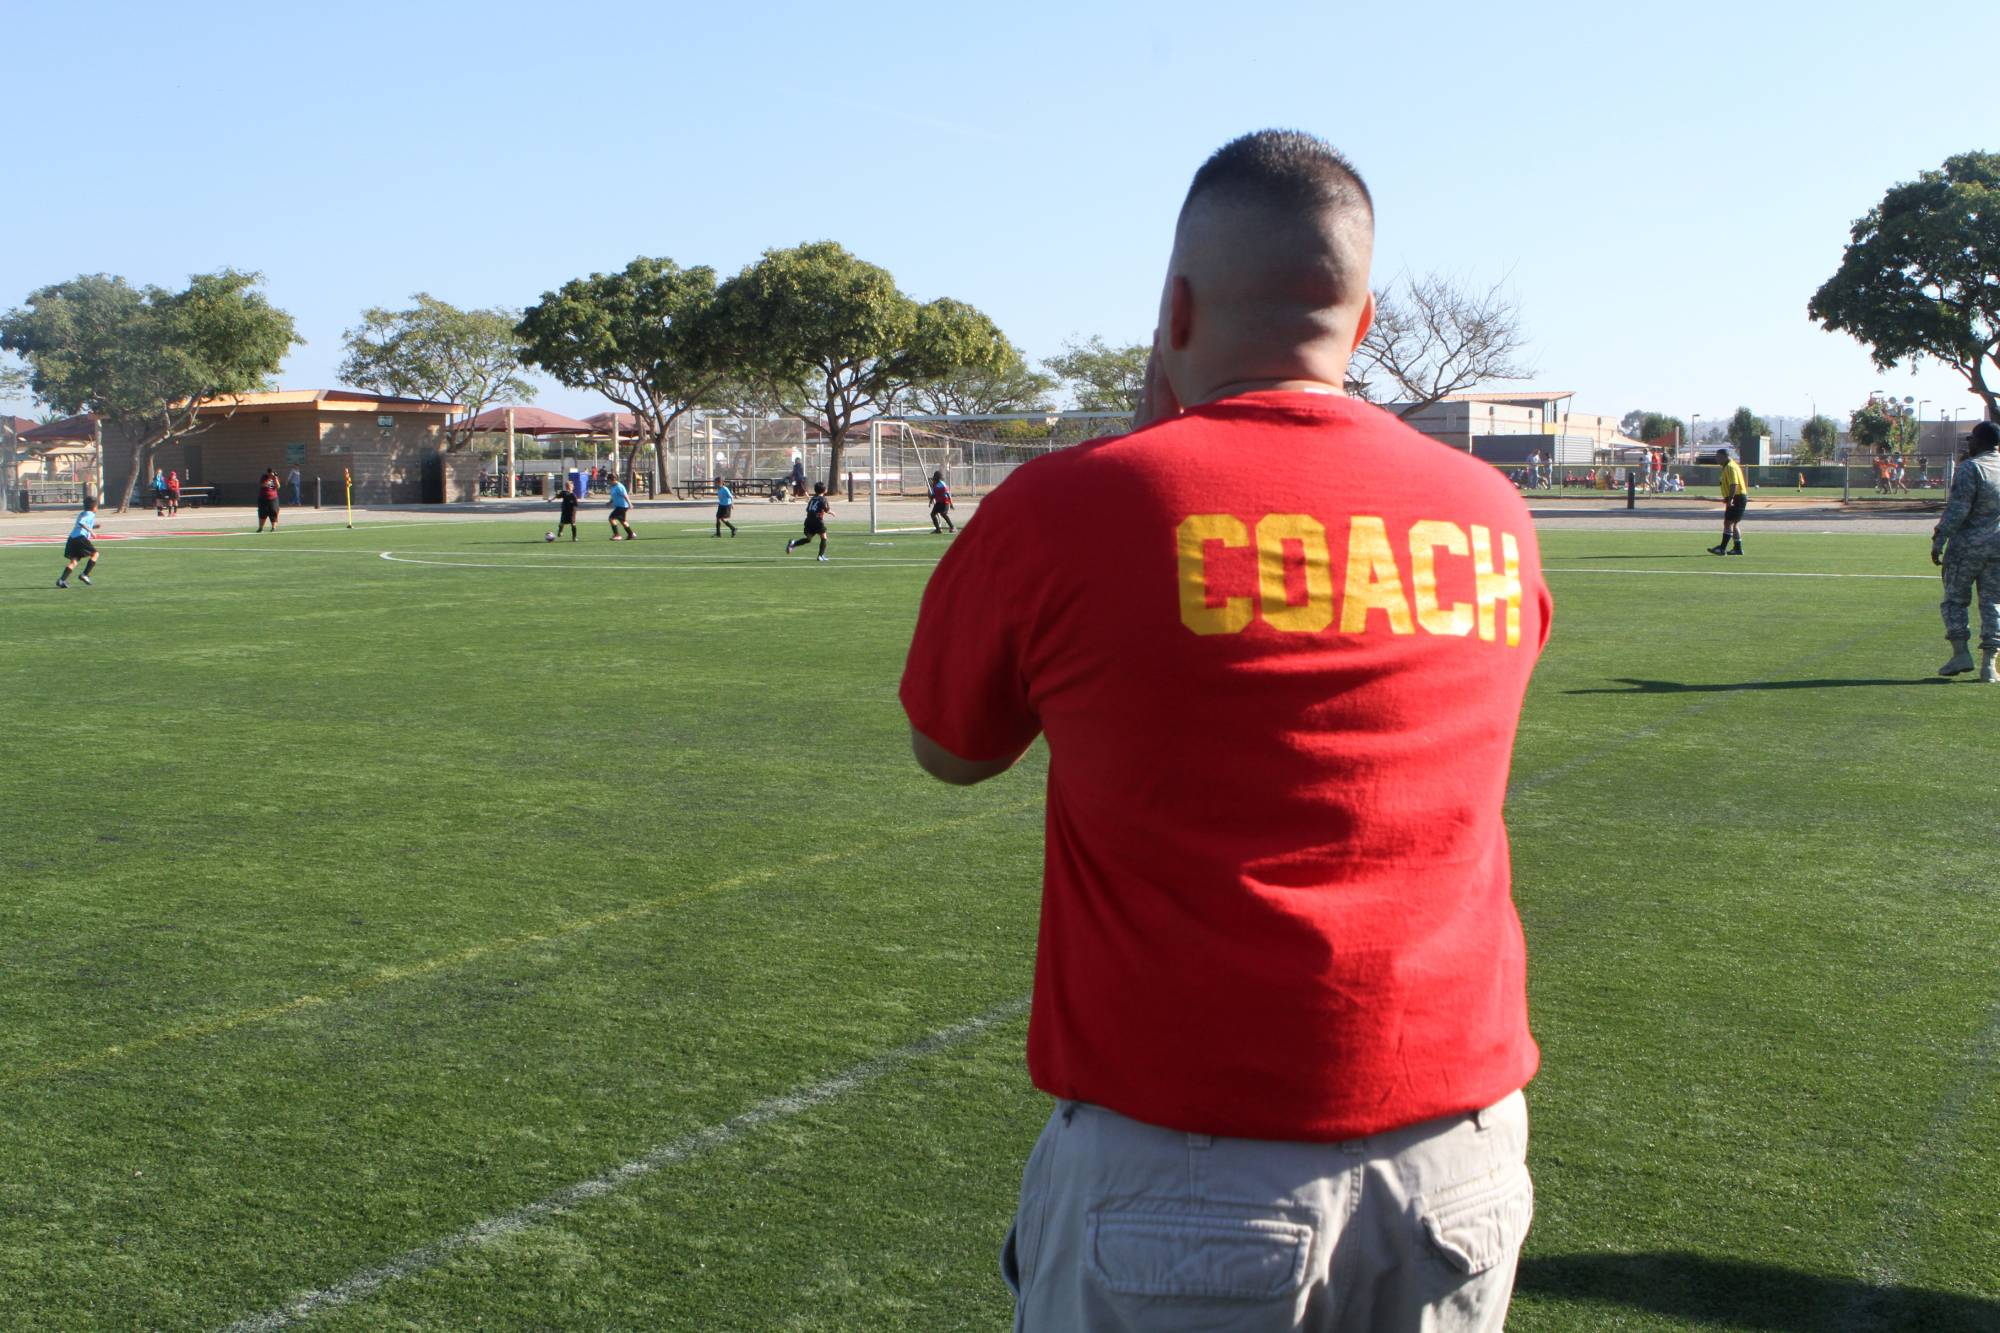 Coach sport - Wikimedia